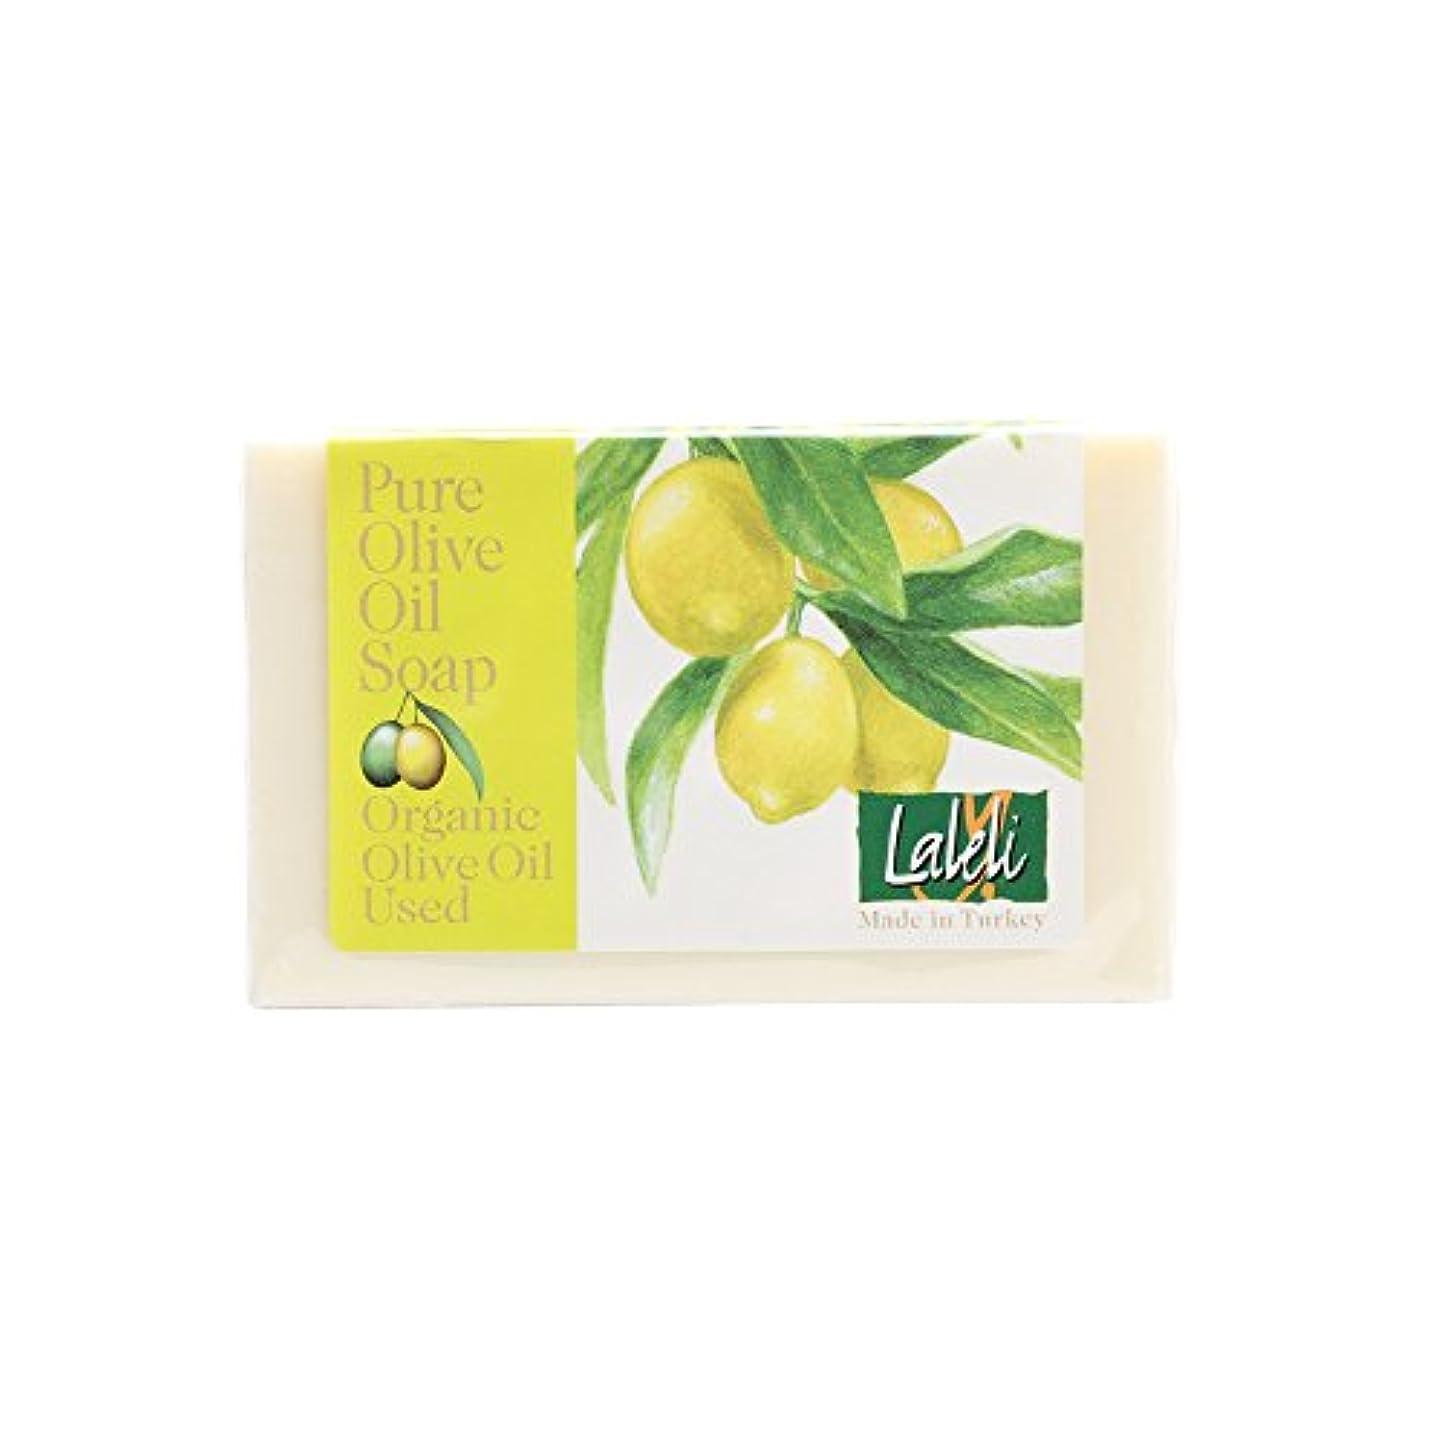 消す応じる懇願するラーレリ オーガニックオリーブオイルソープ レモン 120g